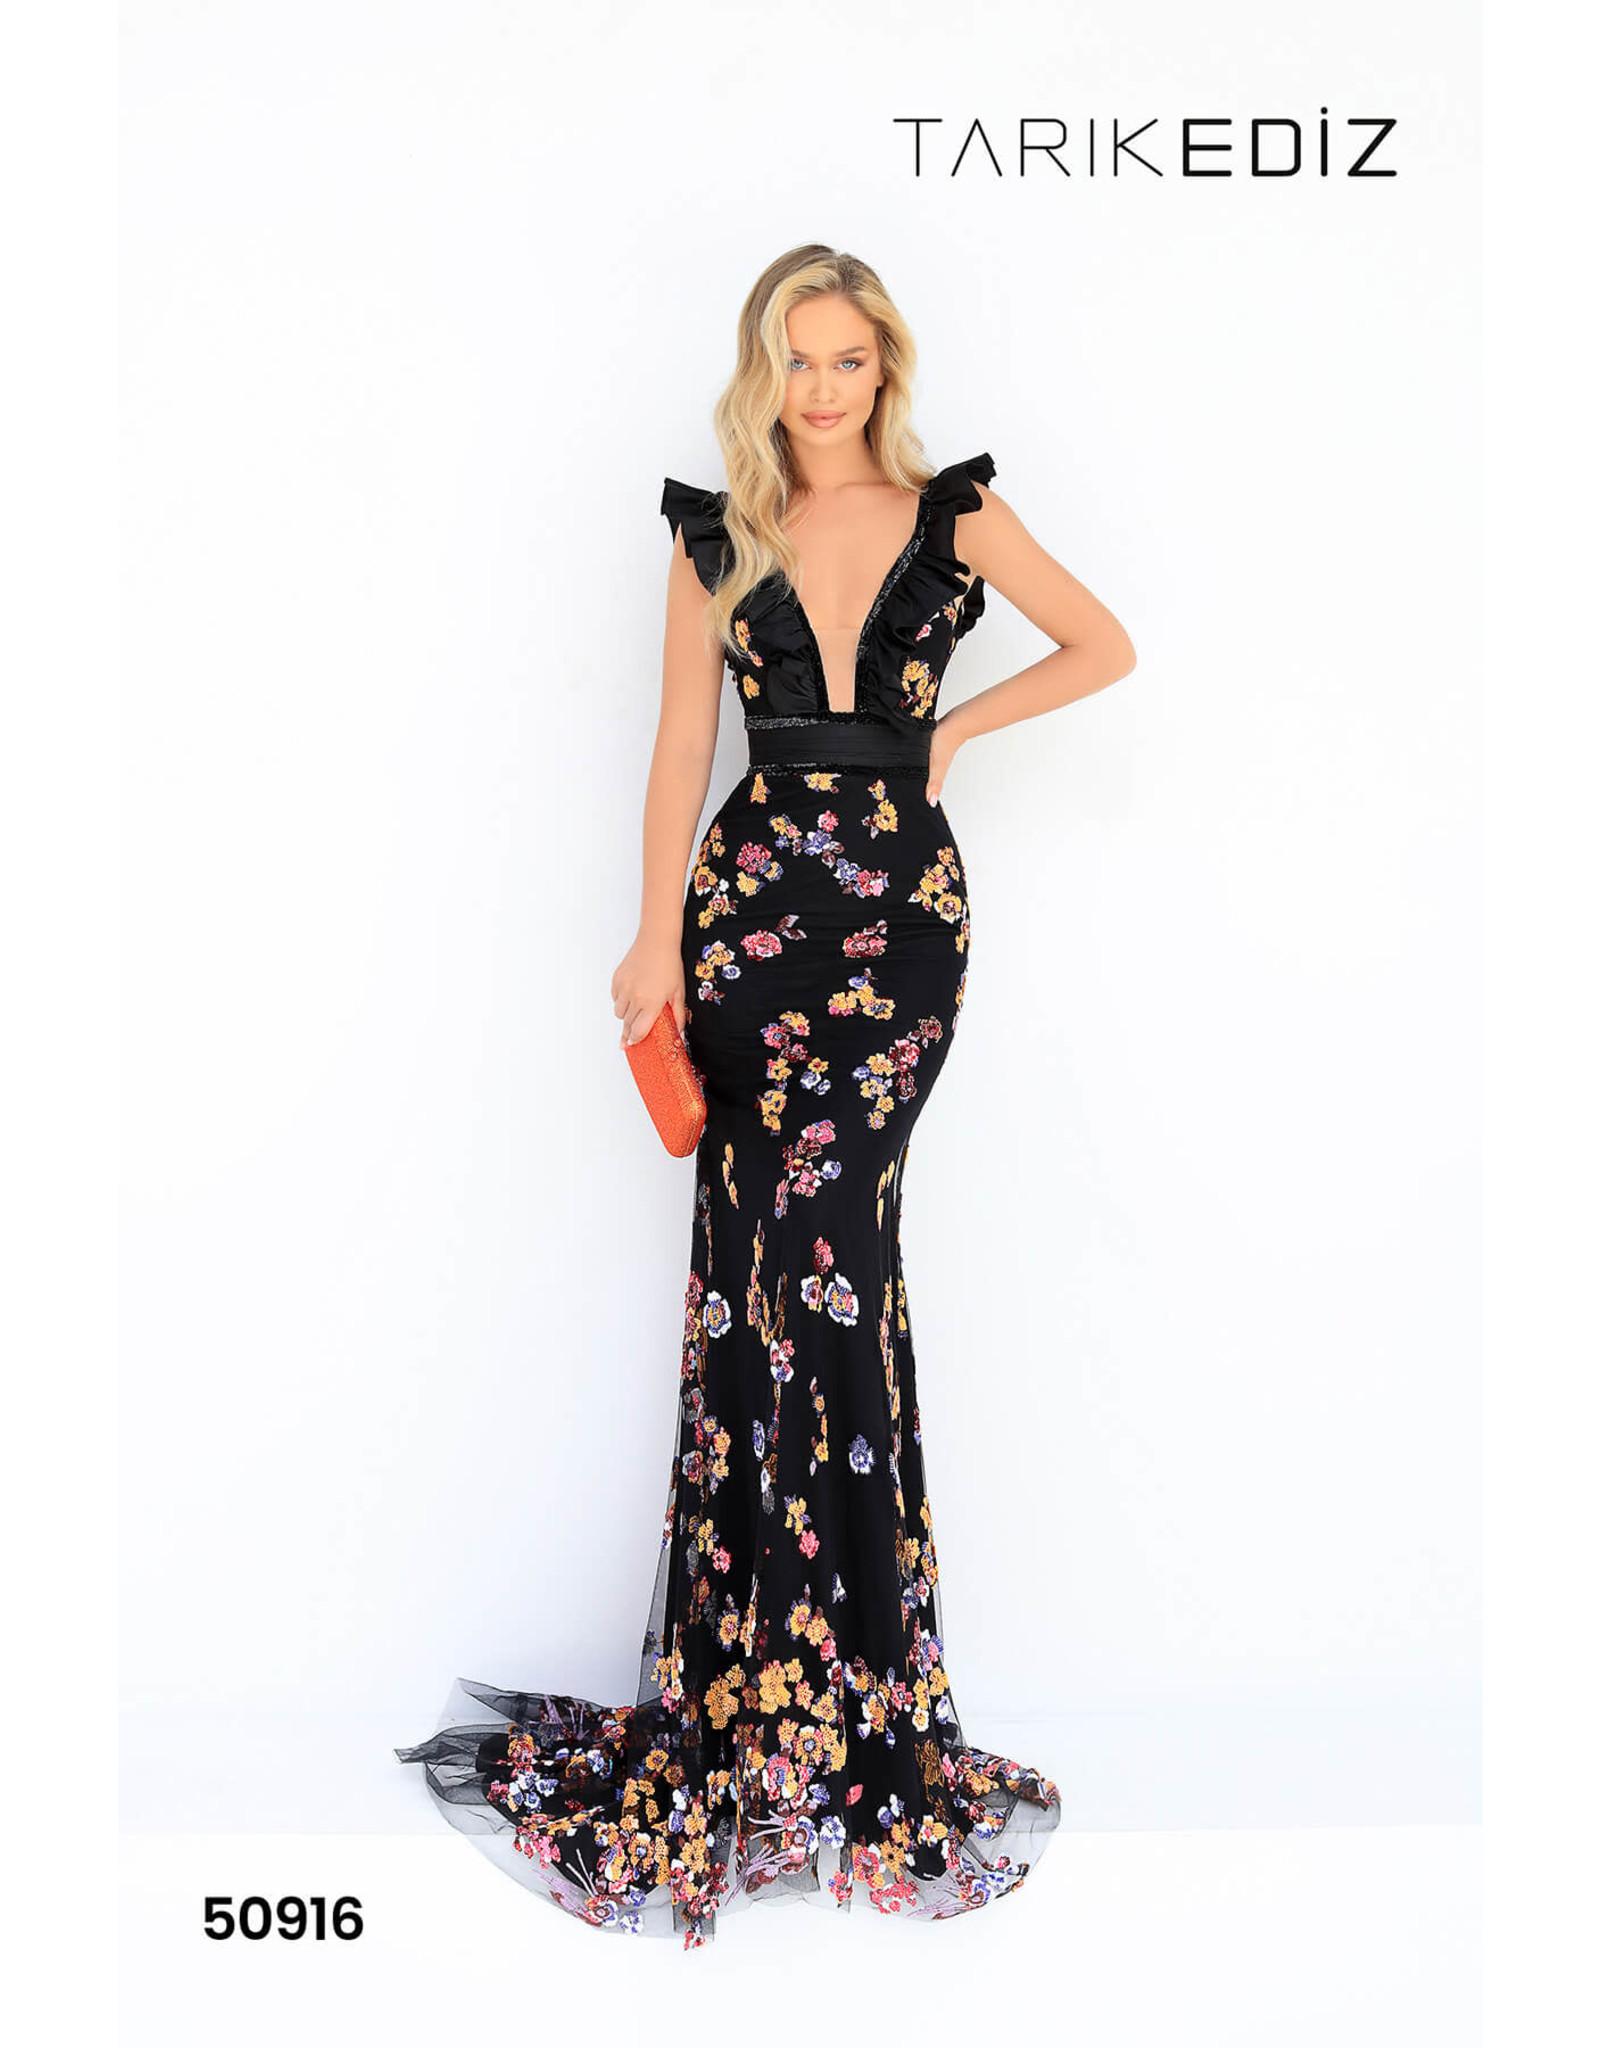 Tarik Ediz 50916 Tarik Ediz Dresses